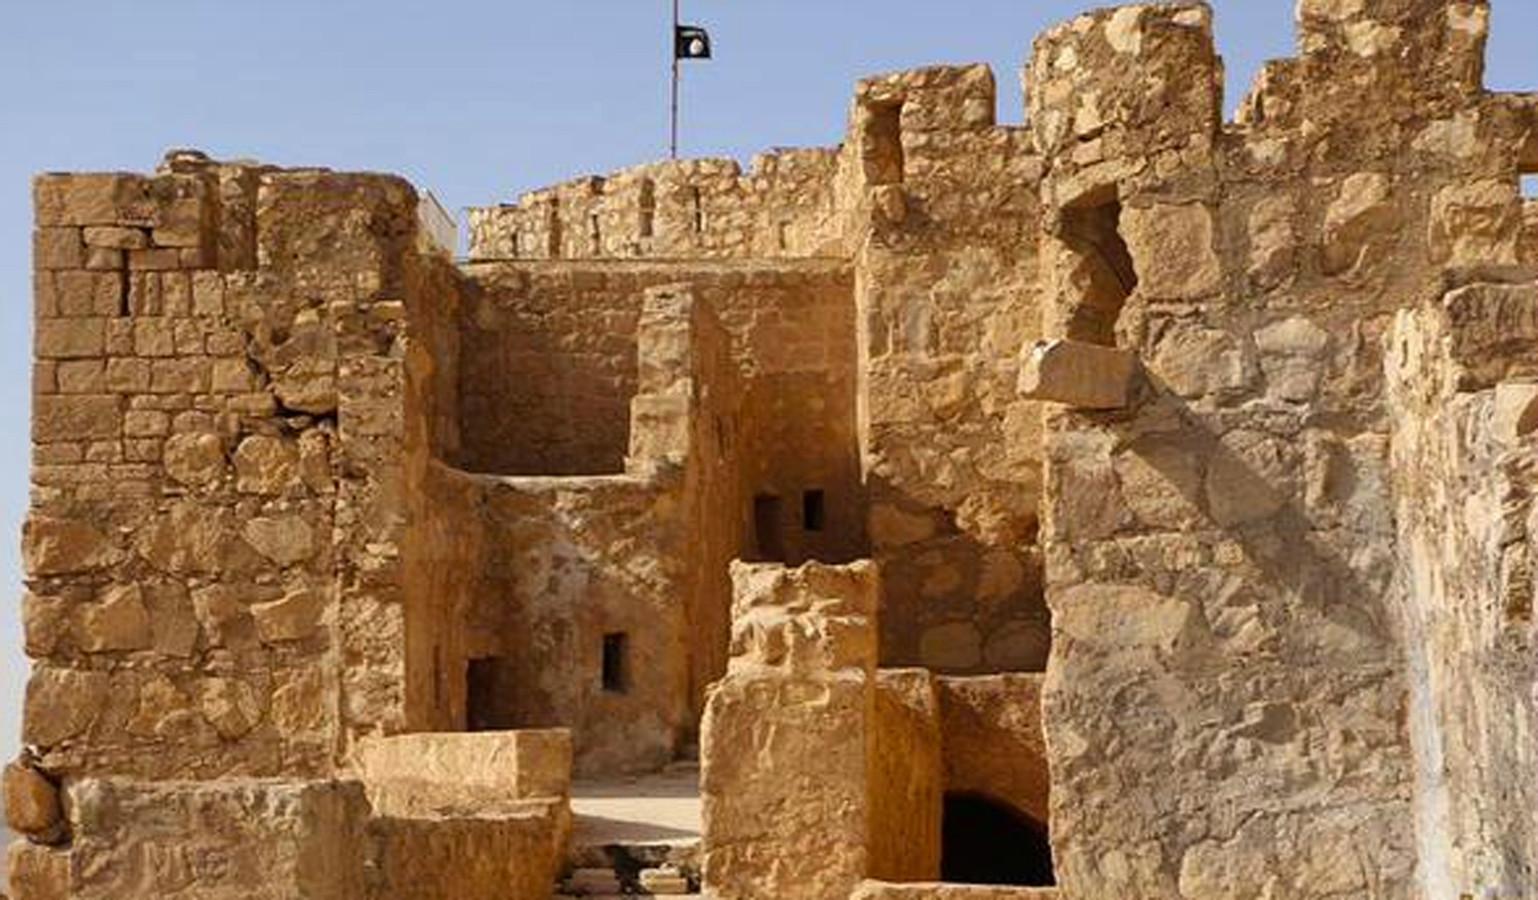 Militanten publiceerden eerder een foto van de IS-vlag op een kasteel in Palmyra.